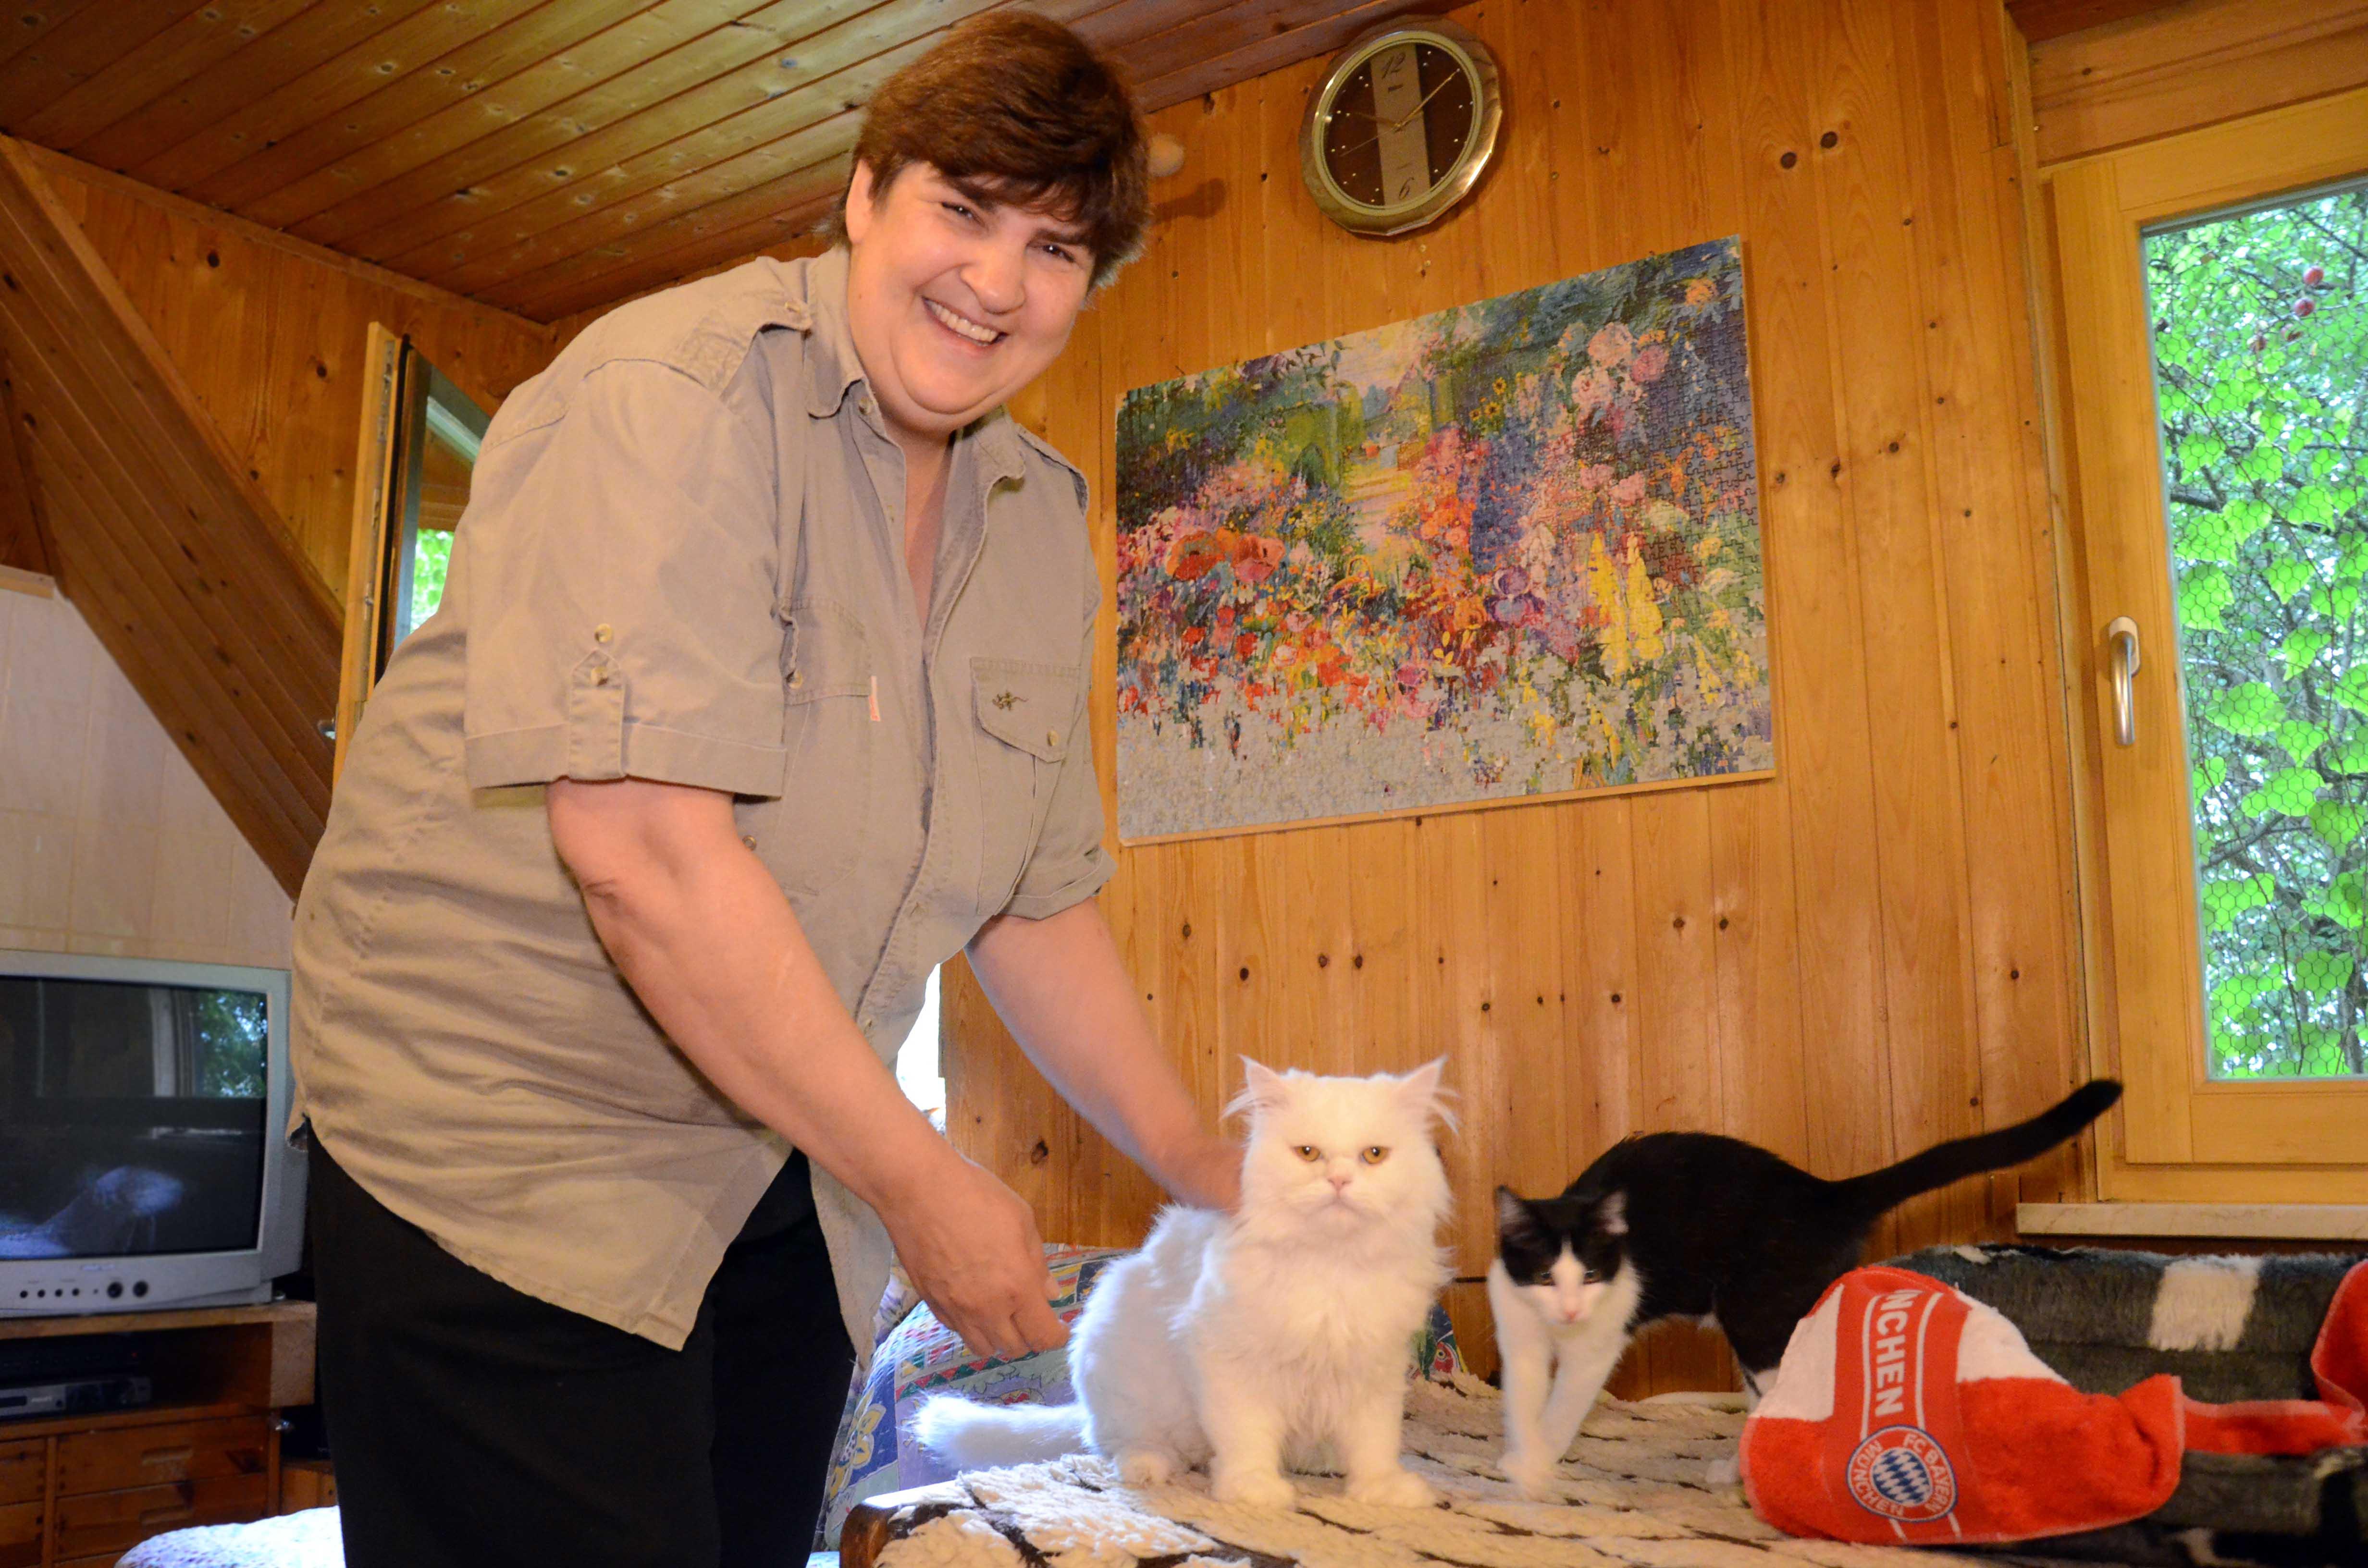 KSM_Arbeit_Scheffler03 Unterstützen Sie die Katzenstation München